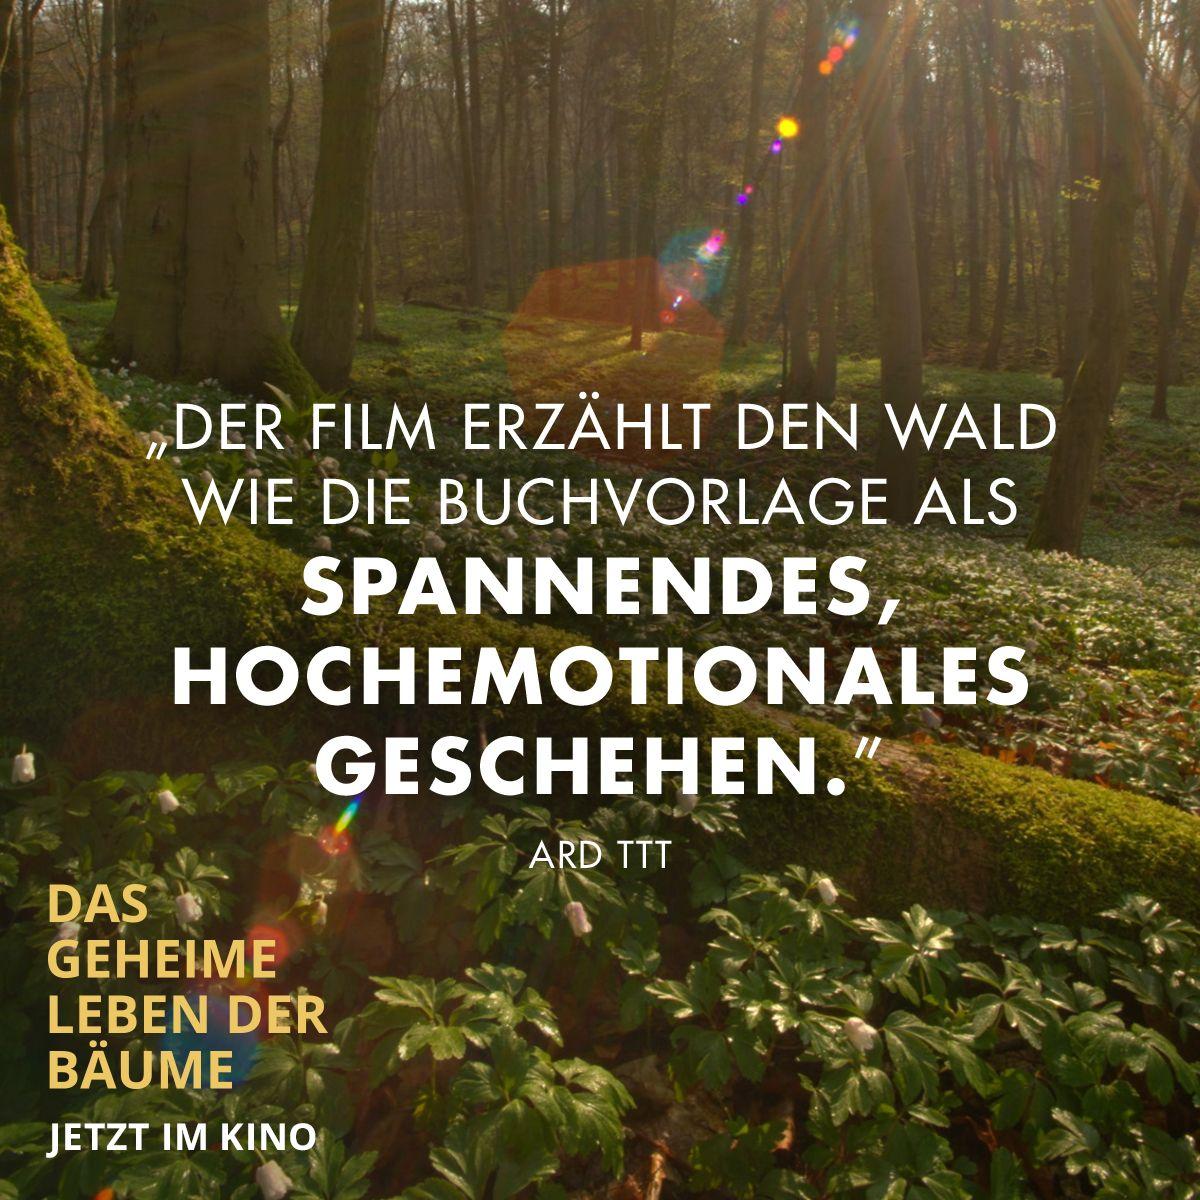 Das Geheime Leben Der Baume In 2020 Constantin Film Leben Filme